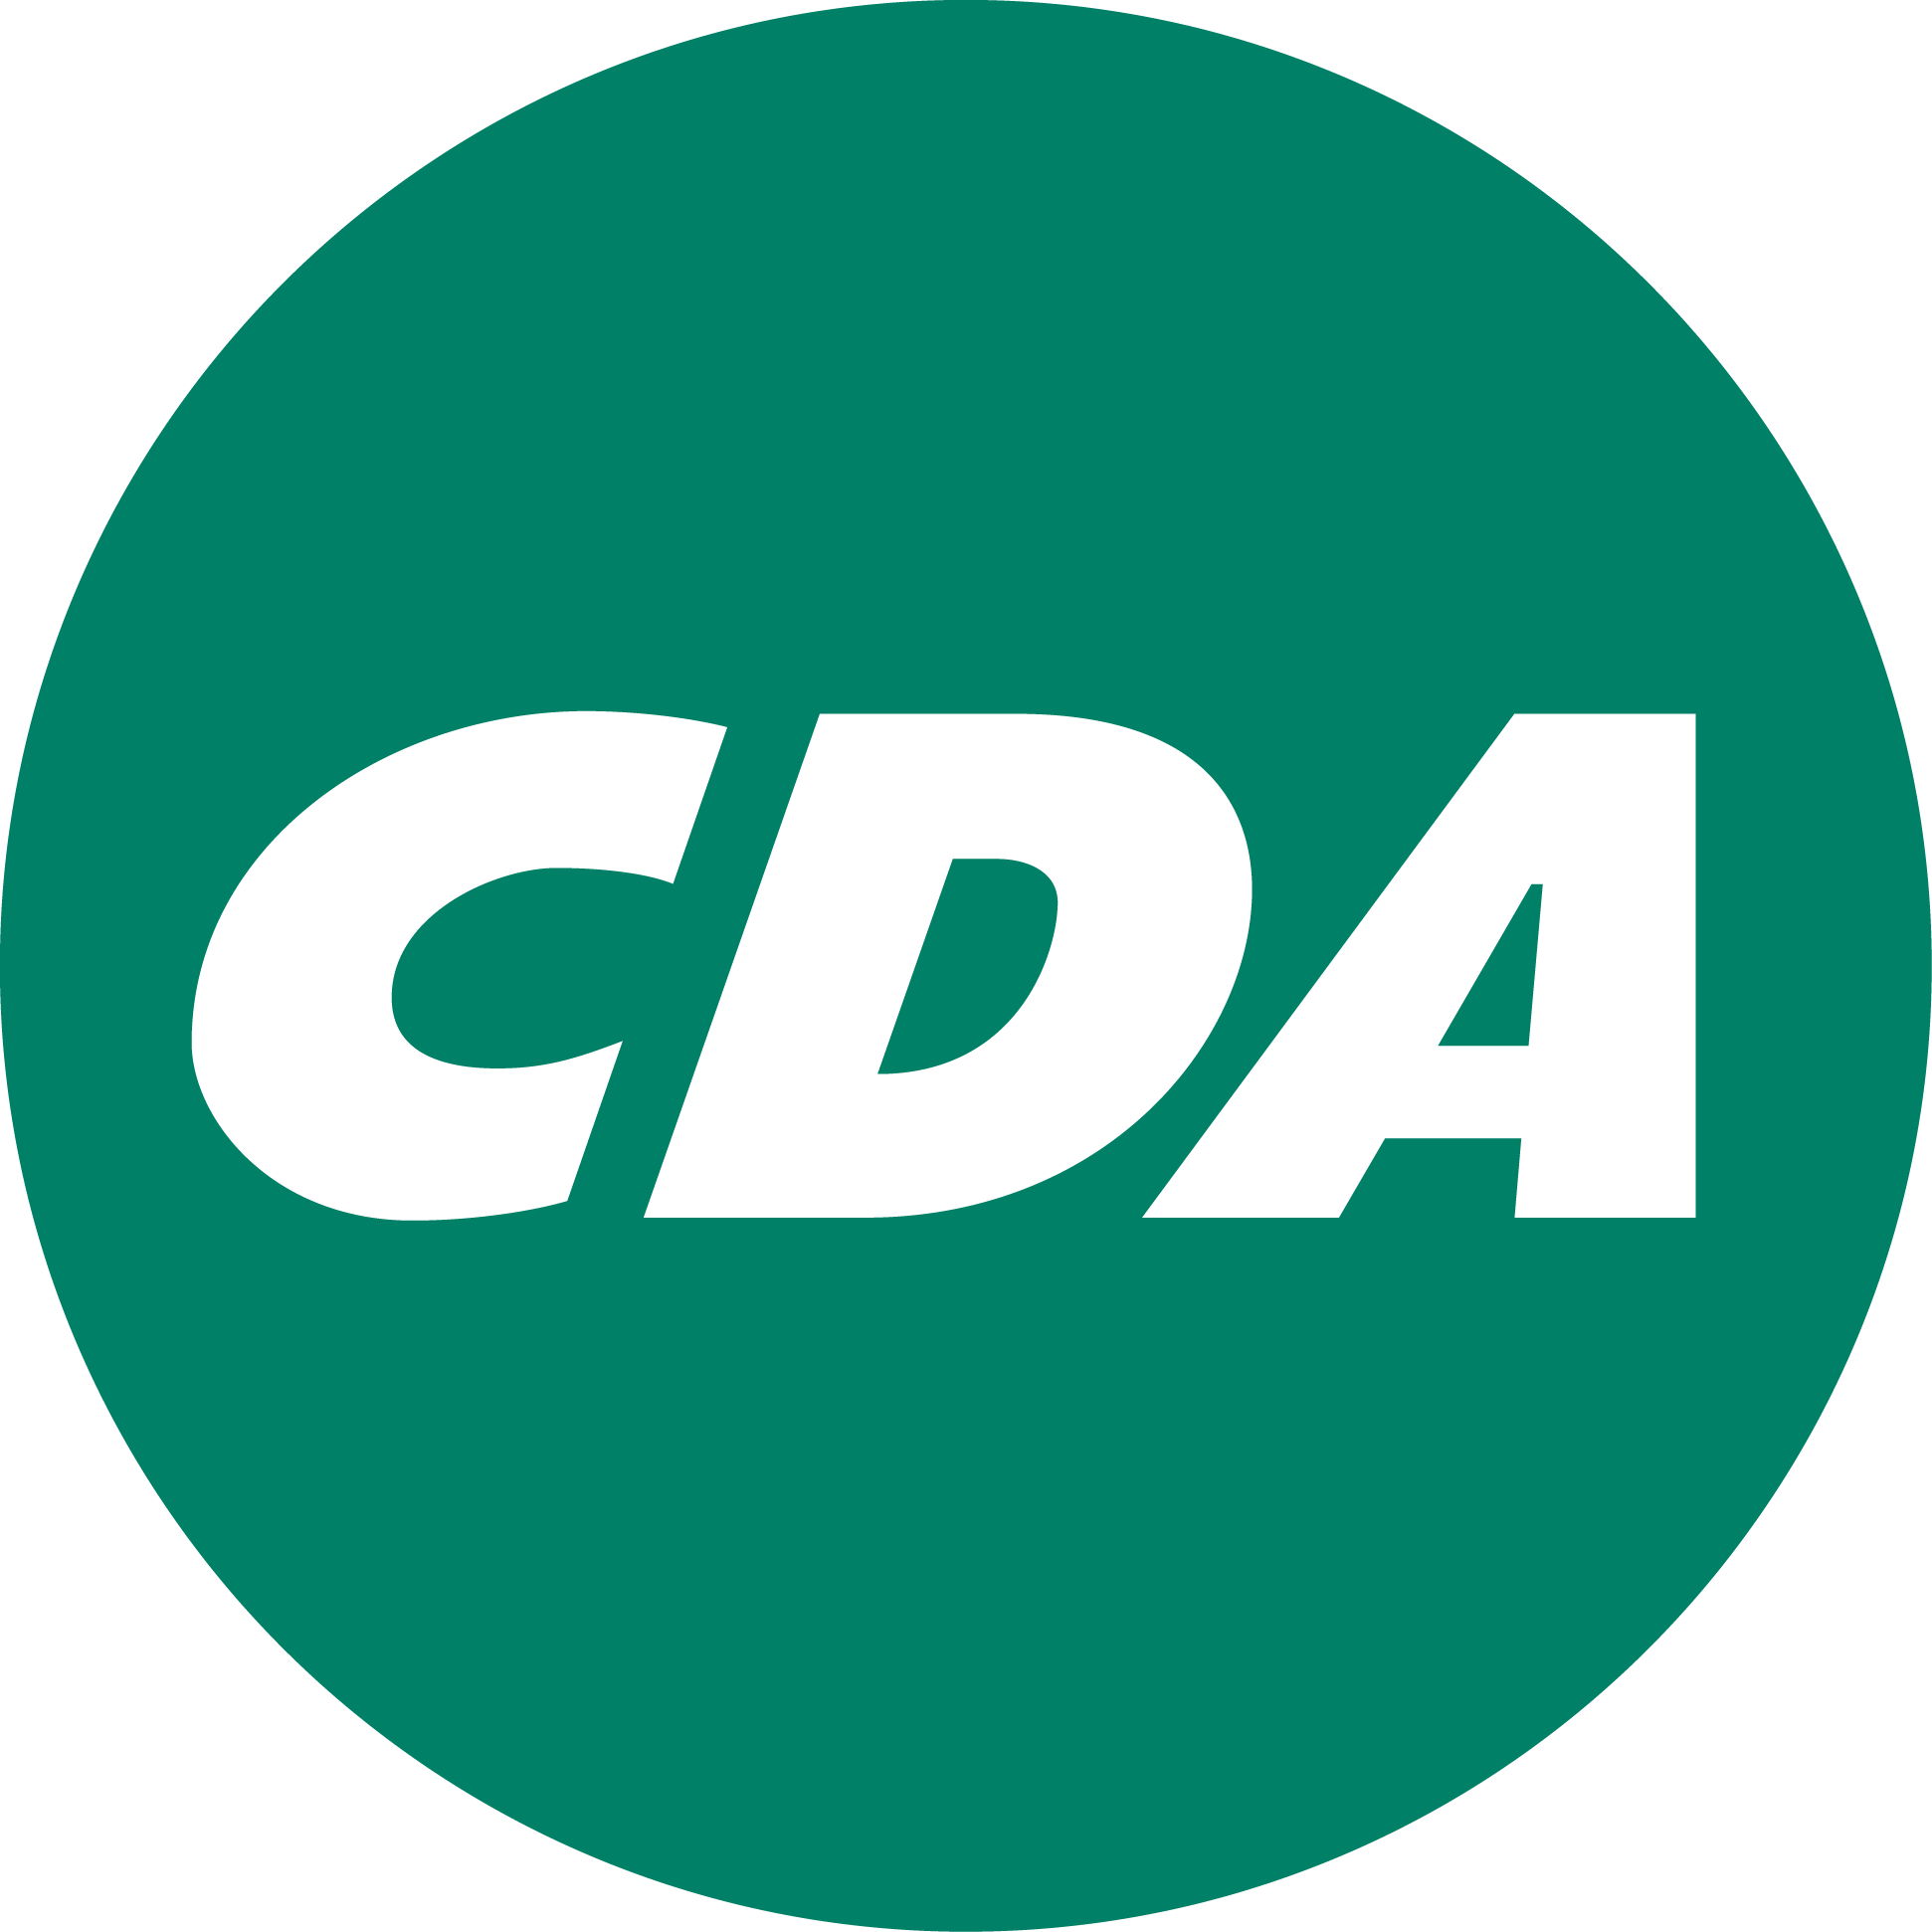 CDA tweede kamer